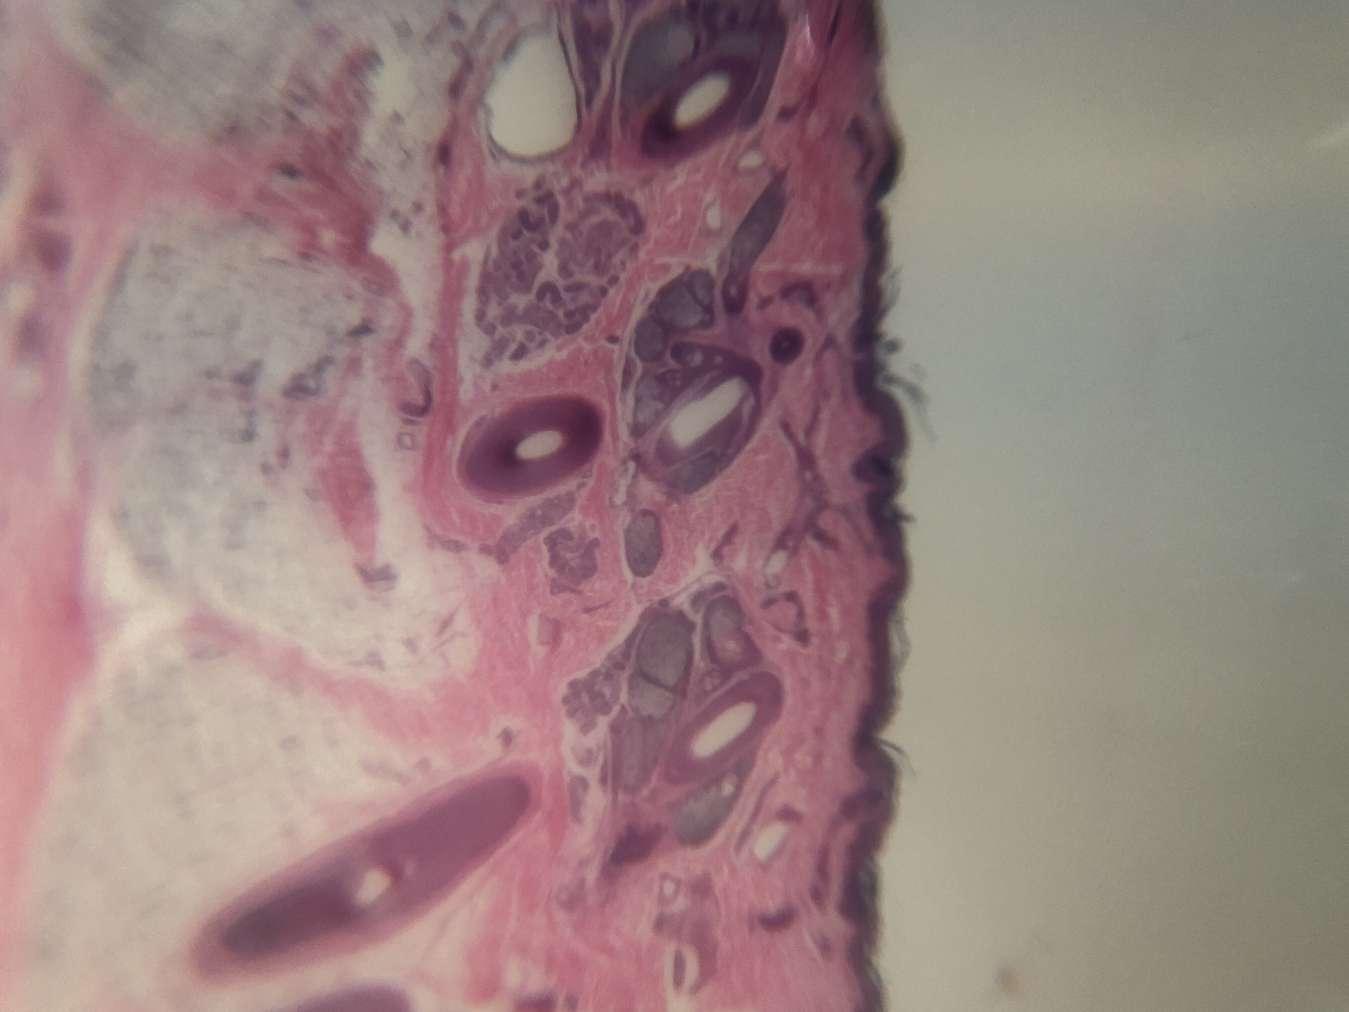 Particolare pezzo di pelle e capelli con lenti Blips micro